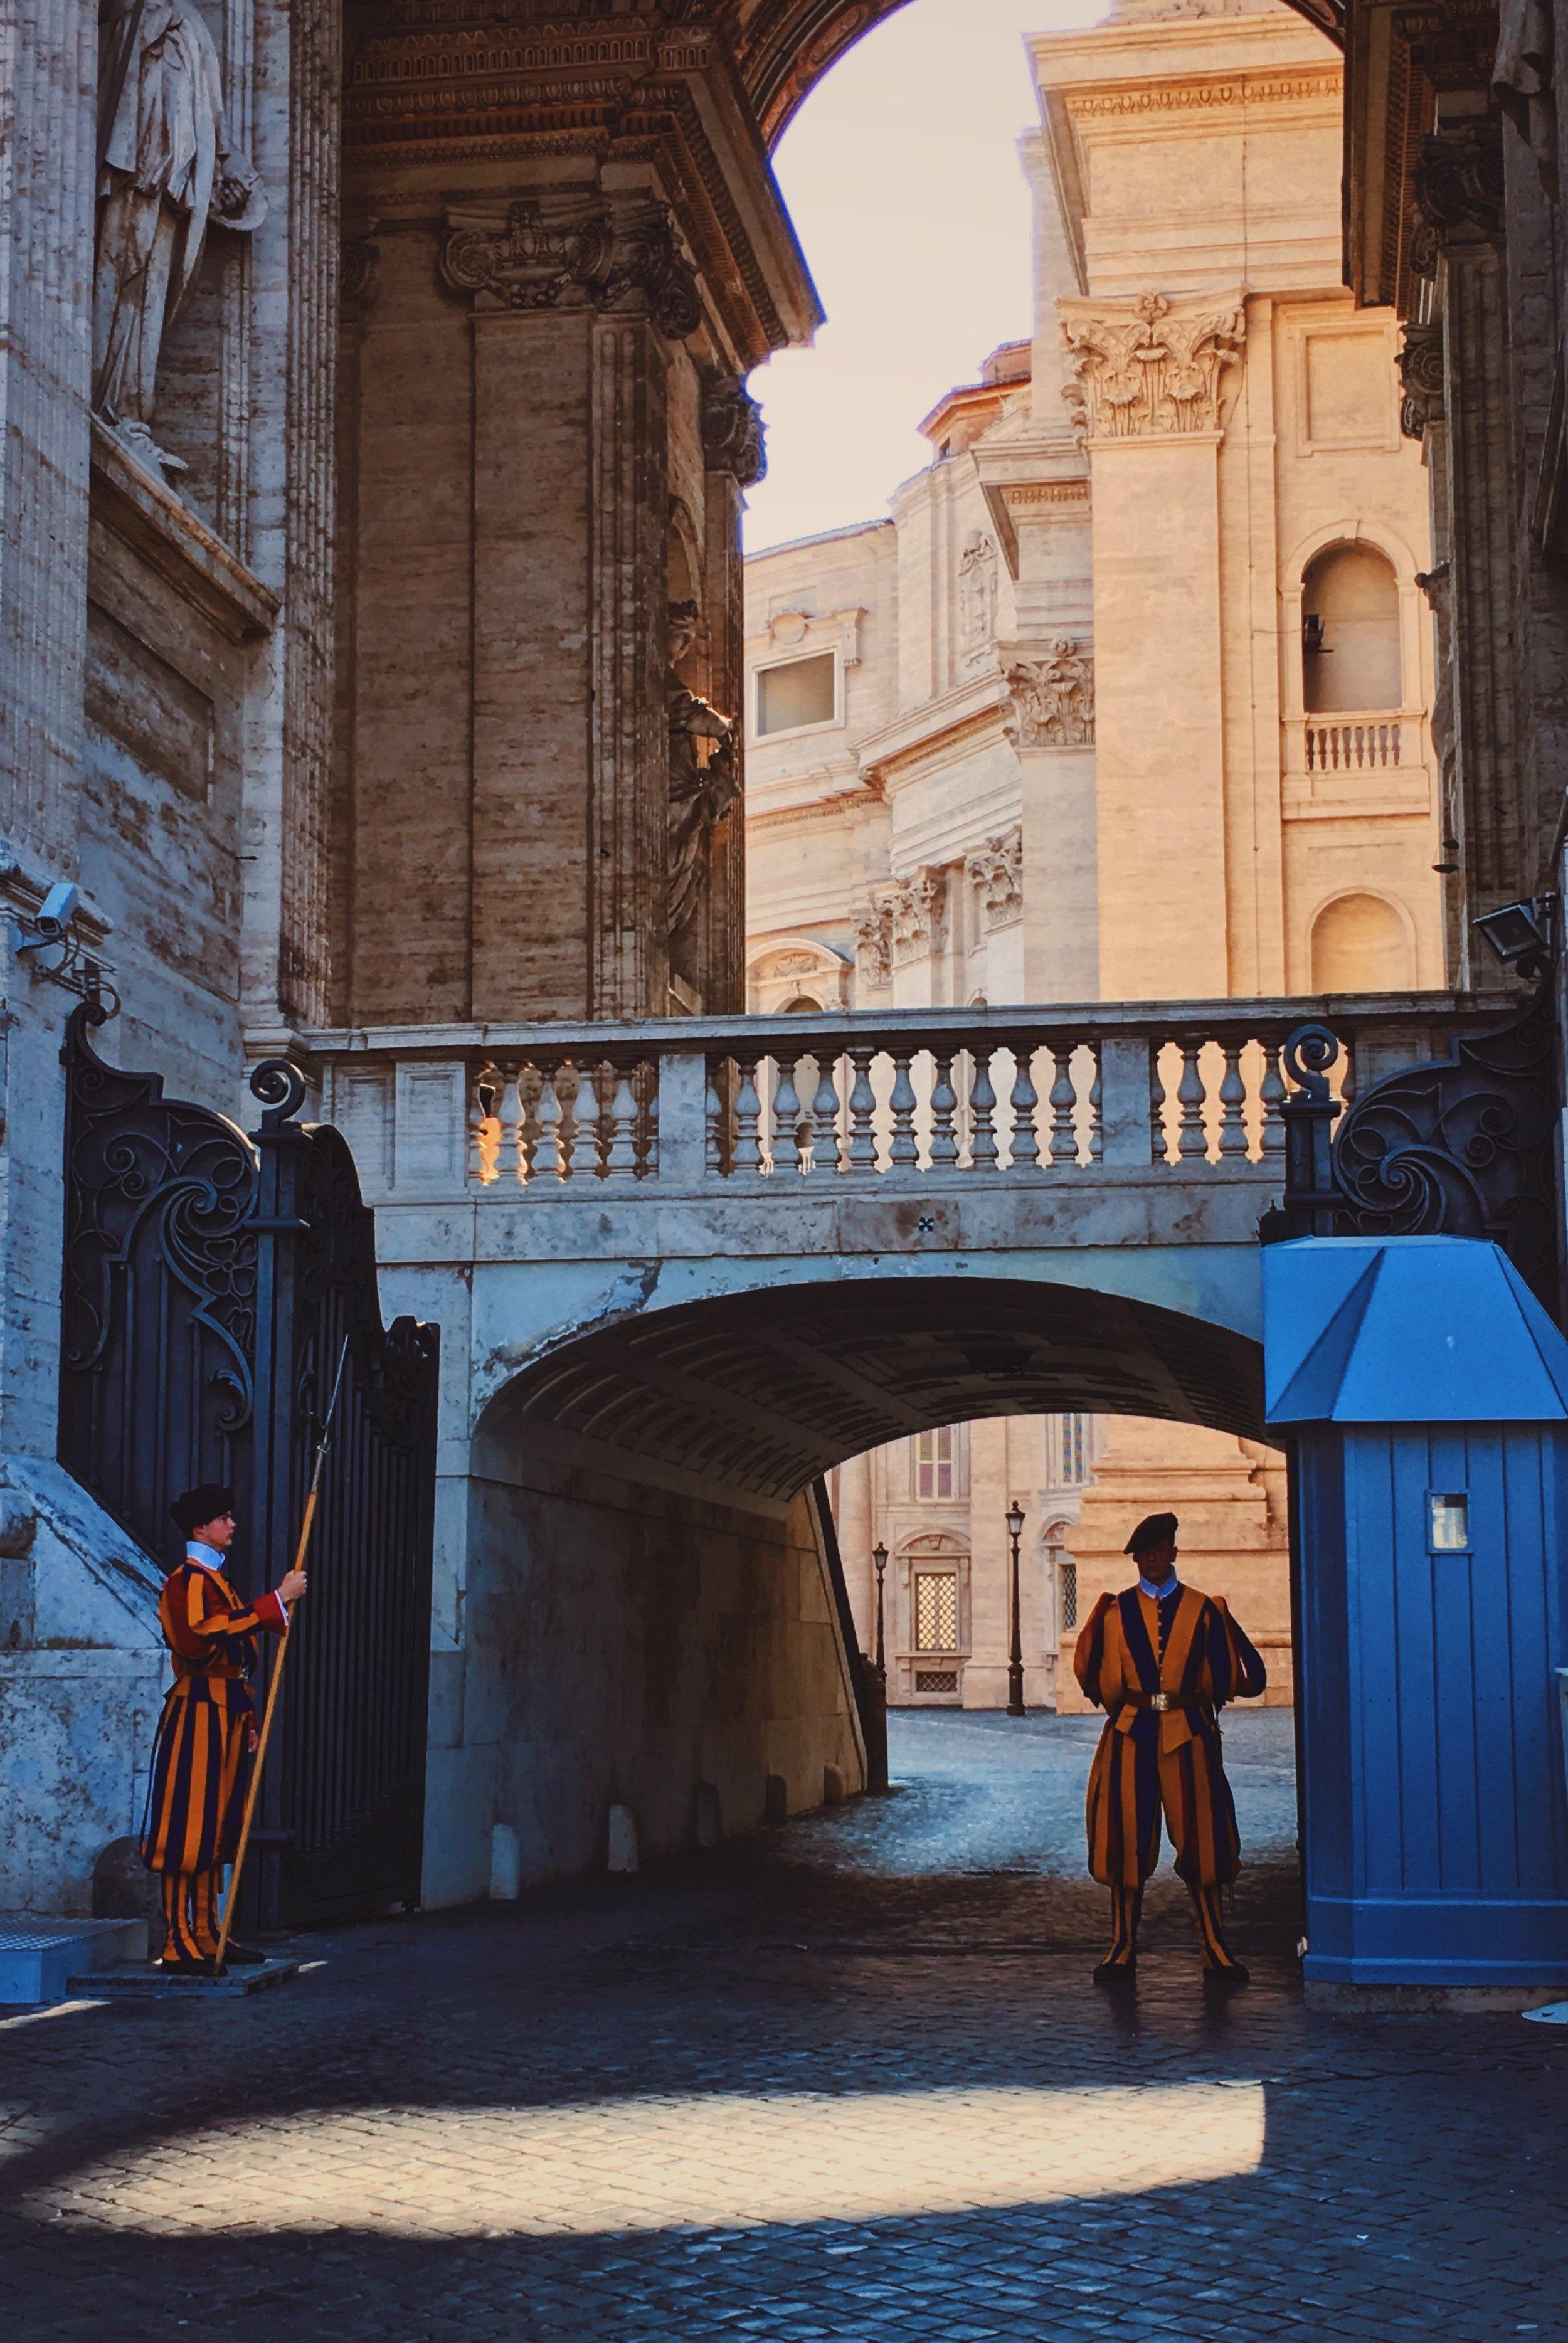 GRUPPENREISEN  Besonders bekannt für unsere Gruppenreisen nach Rom und ins Baltikum, bieten wir unseren Reisekunden besondere Leserreisen, Studienreisen, Städtereisen uvm. innerhalb Europas sowie zu weltweiten Reisezielen.